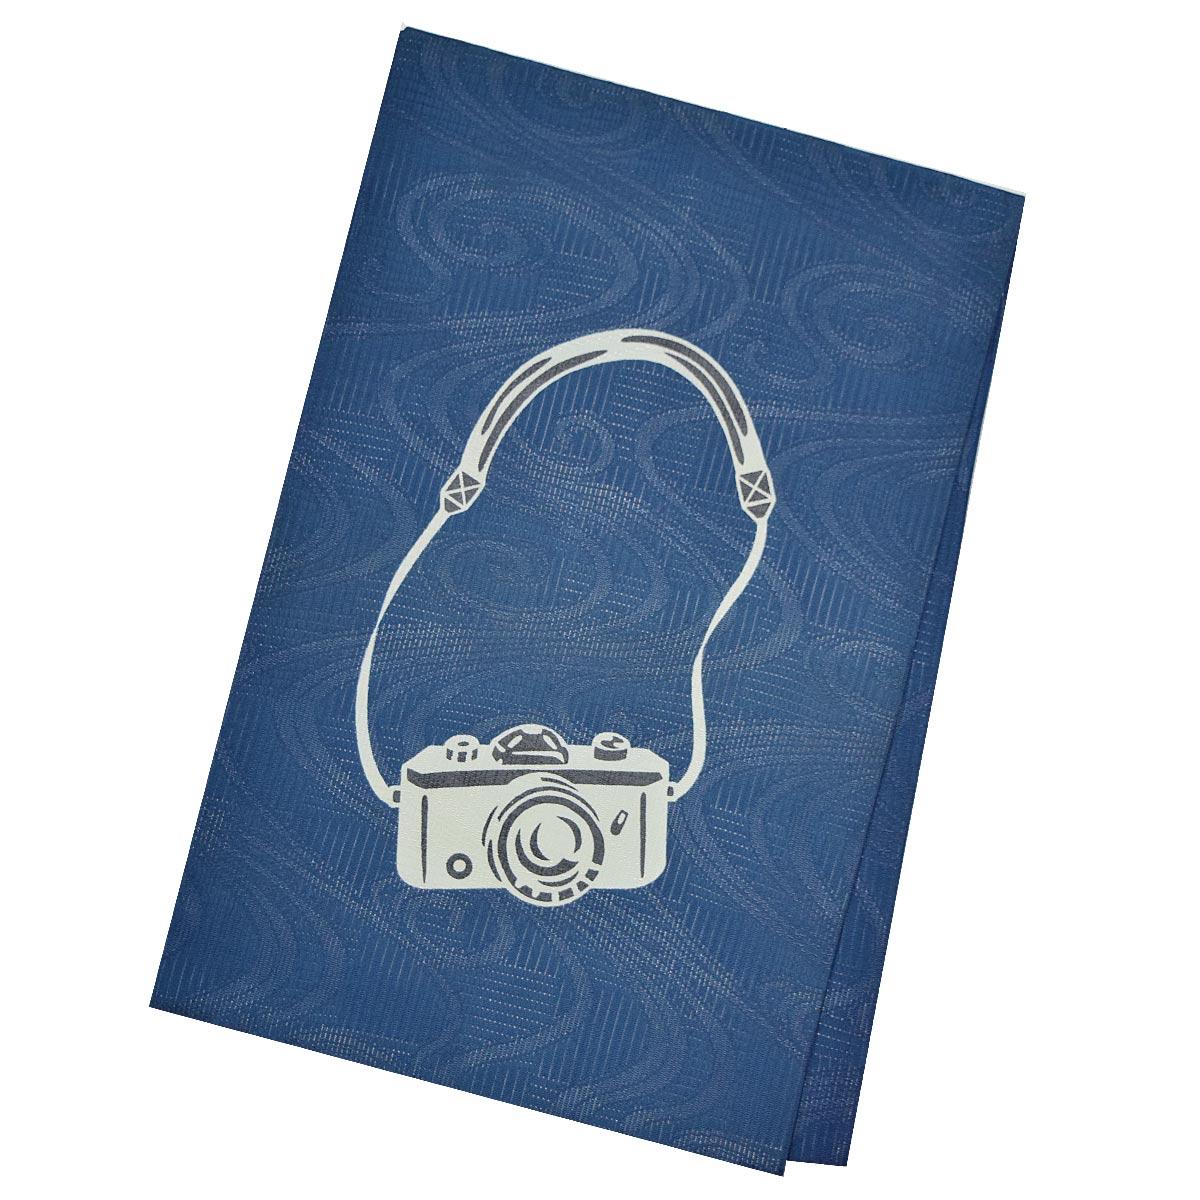 《30%オフクーポン利用可》お買い物マラソン【カメラ柄】正絹 仕立て上がり 名古屋帯【夏】九寸 普段着 お洒落 レトロ 青 ブルー番号d521-19